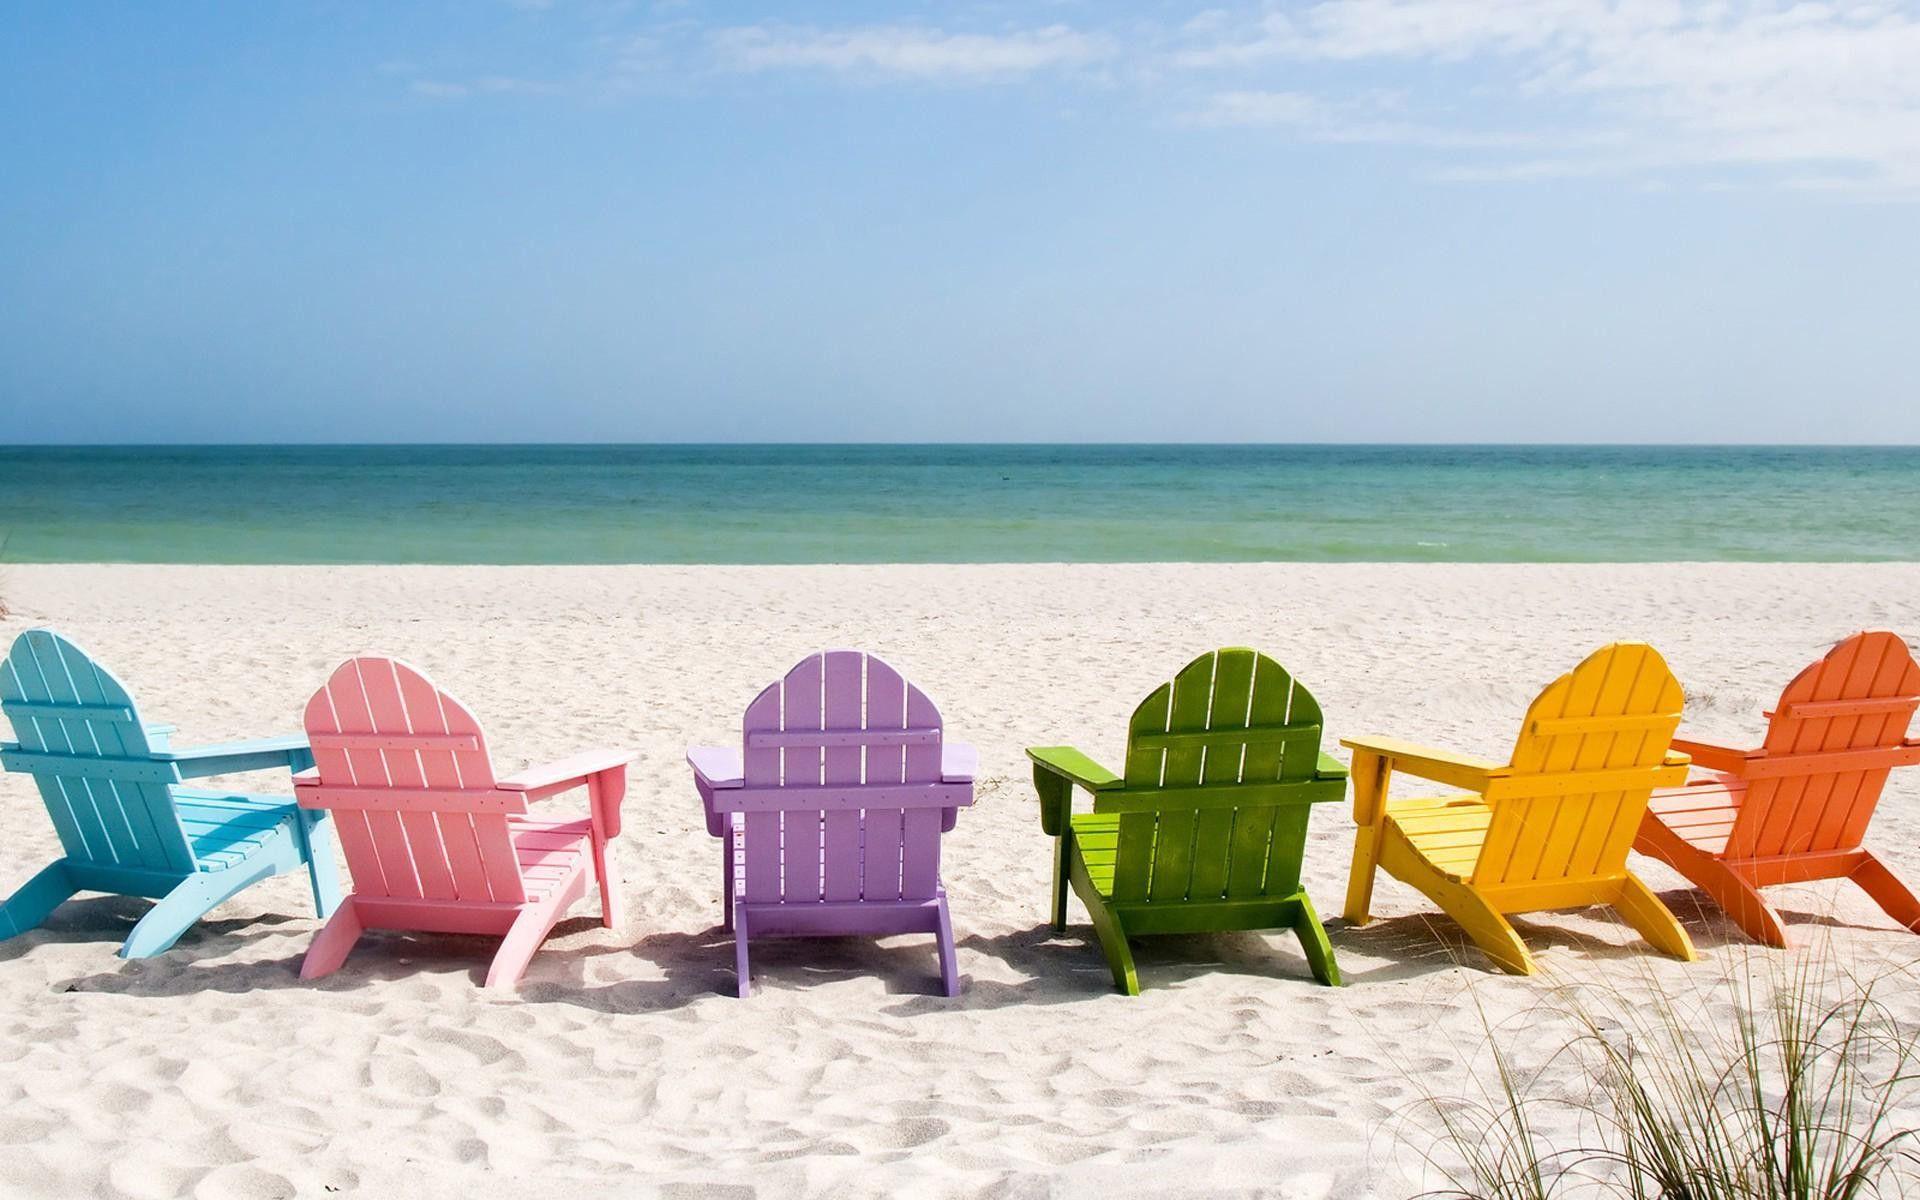 76 Summertime Desktop Wallpapers On Wallpaperplay Summer Wallpaper Summer Desktop Backgrounds Best Beach Chair